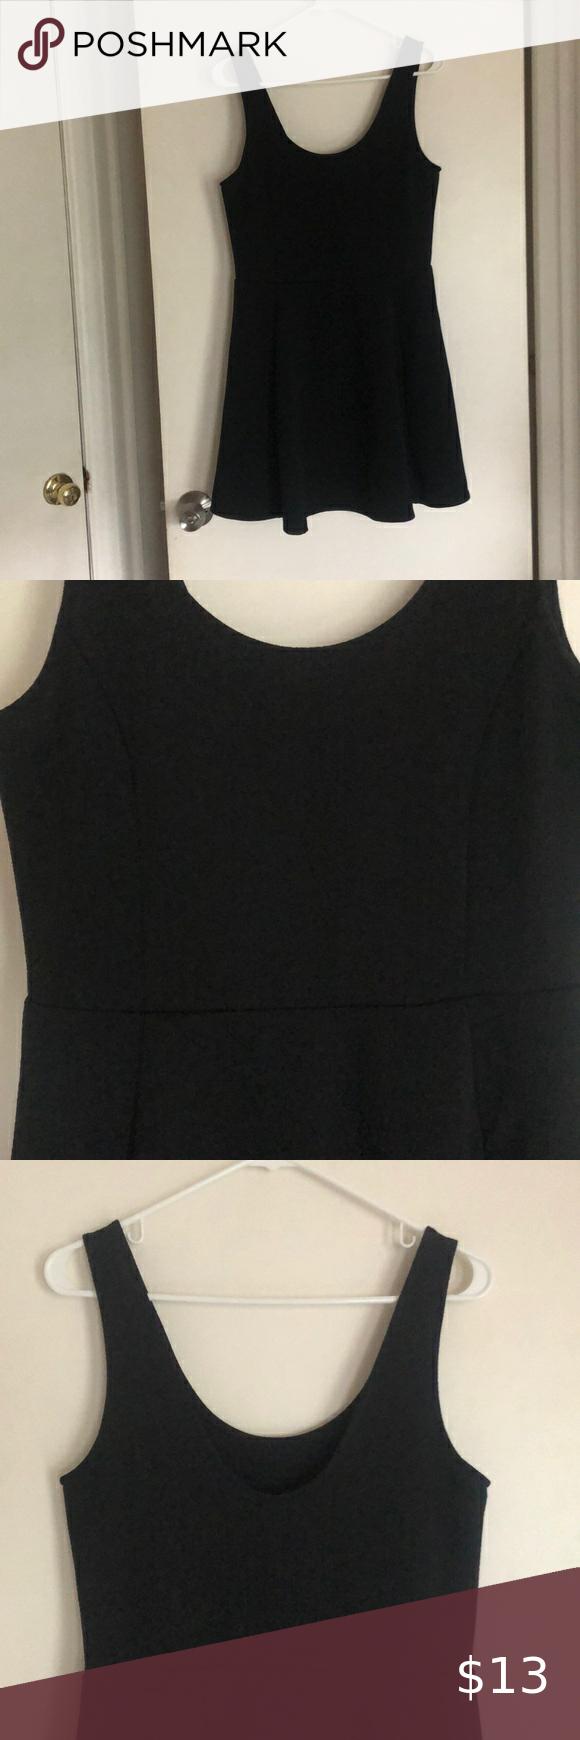 Black Dress Size 12 A Line Clothes Design Black Dress Dresses [ 1740 x 580 Pixel ]